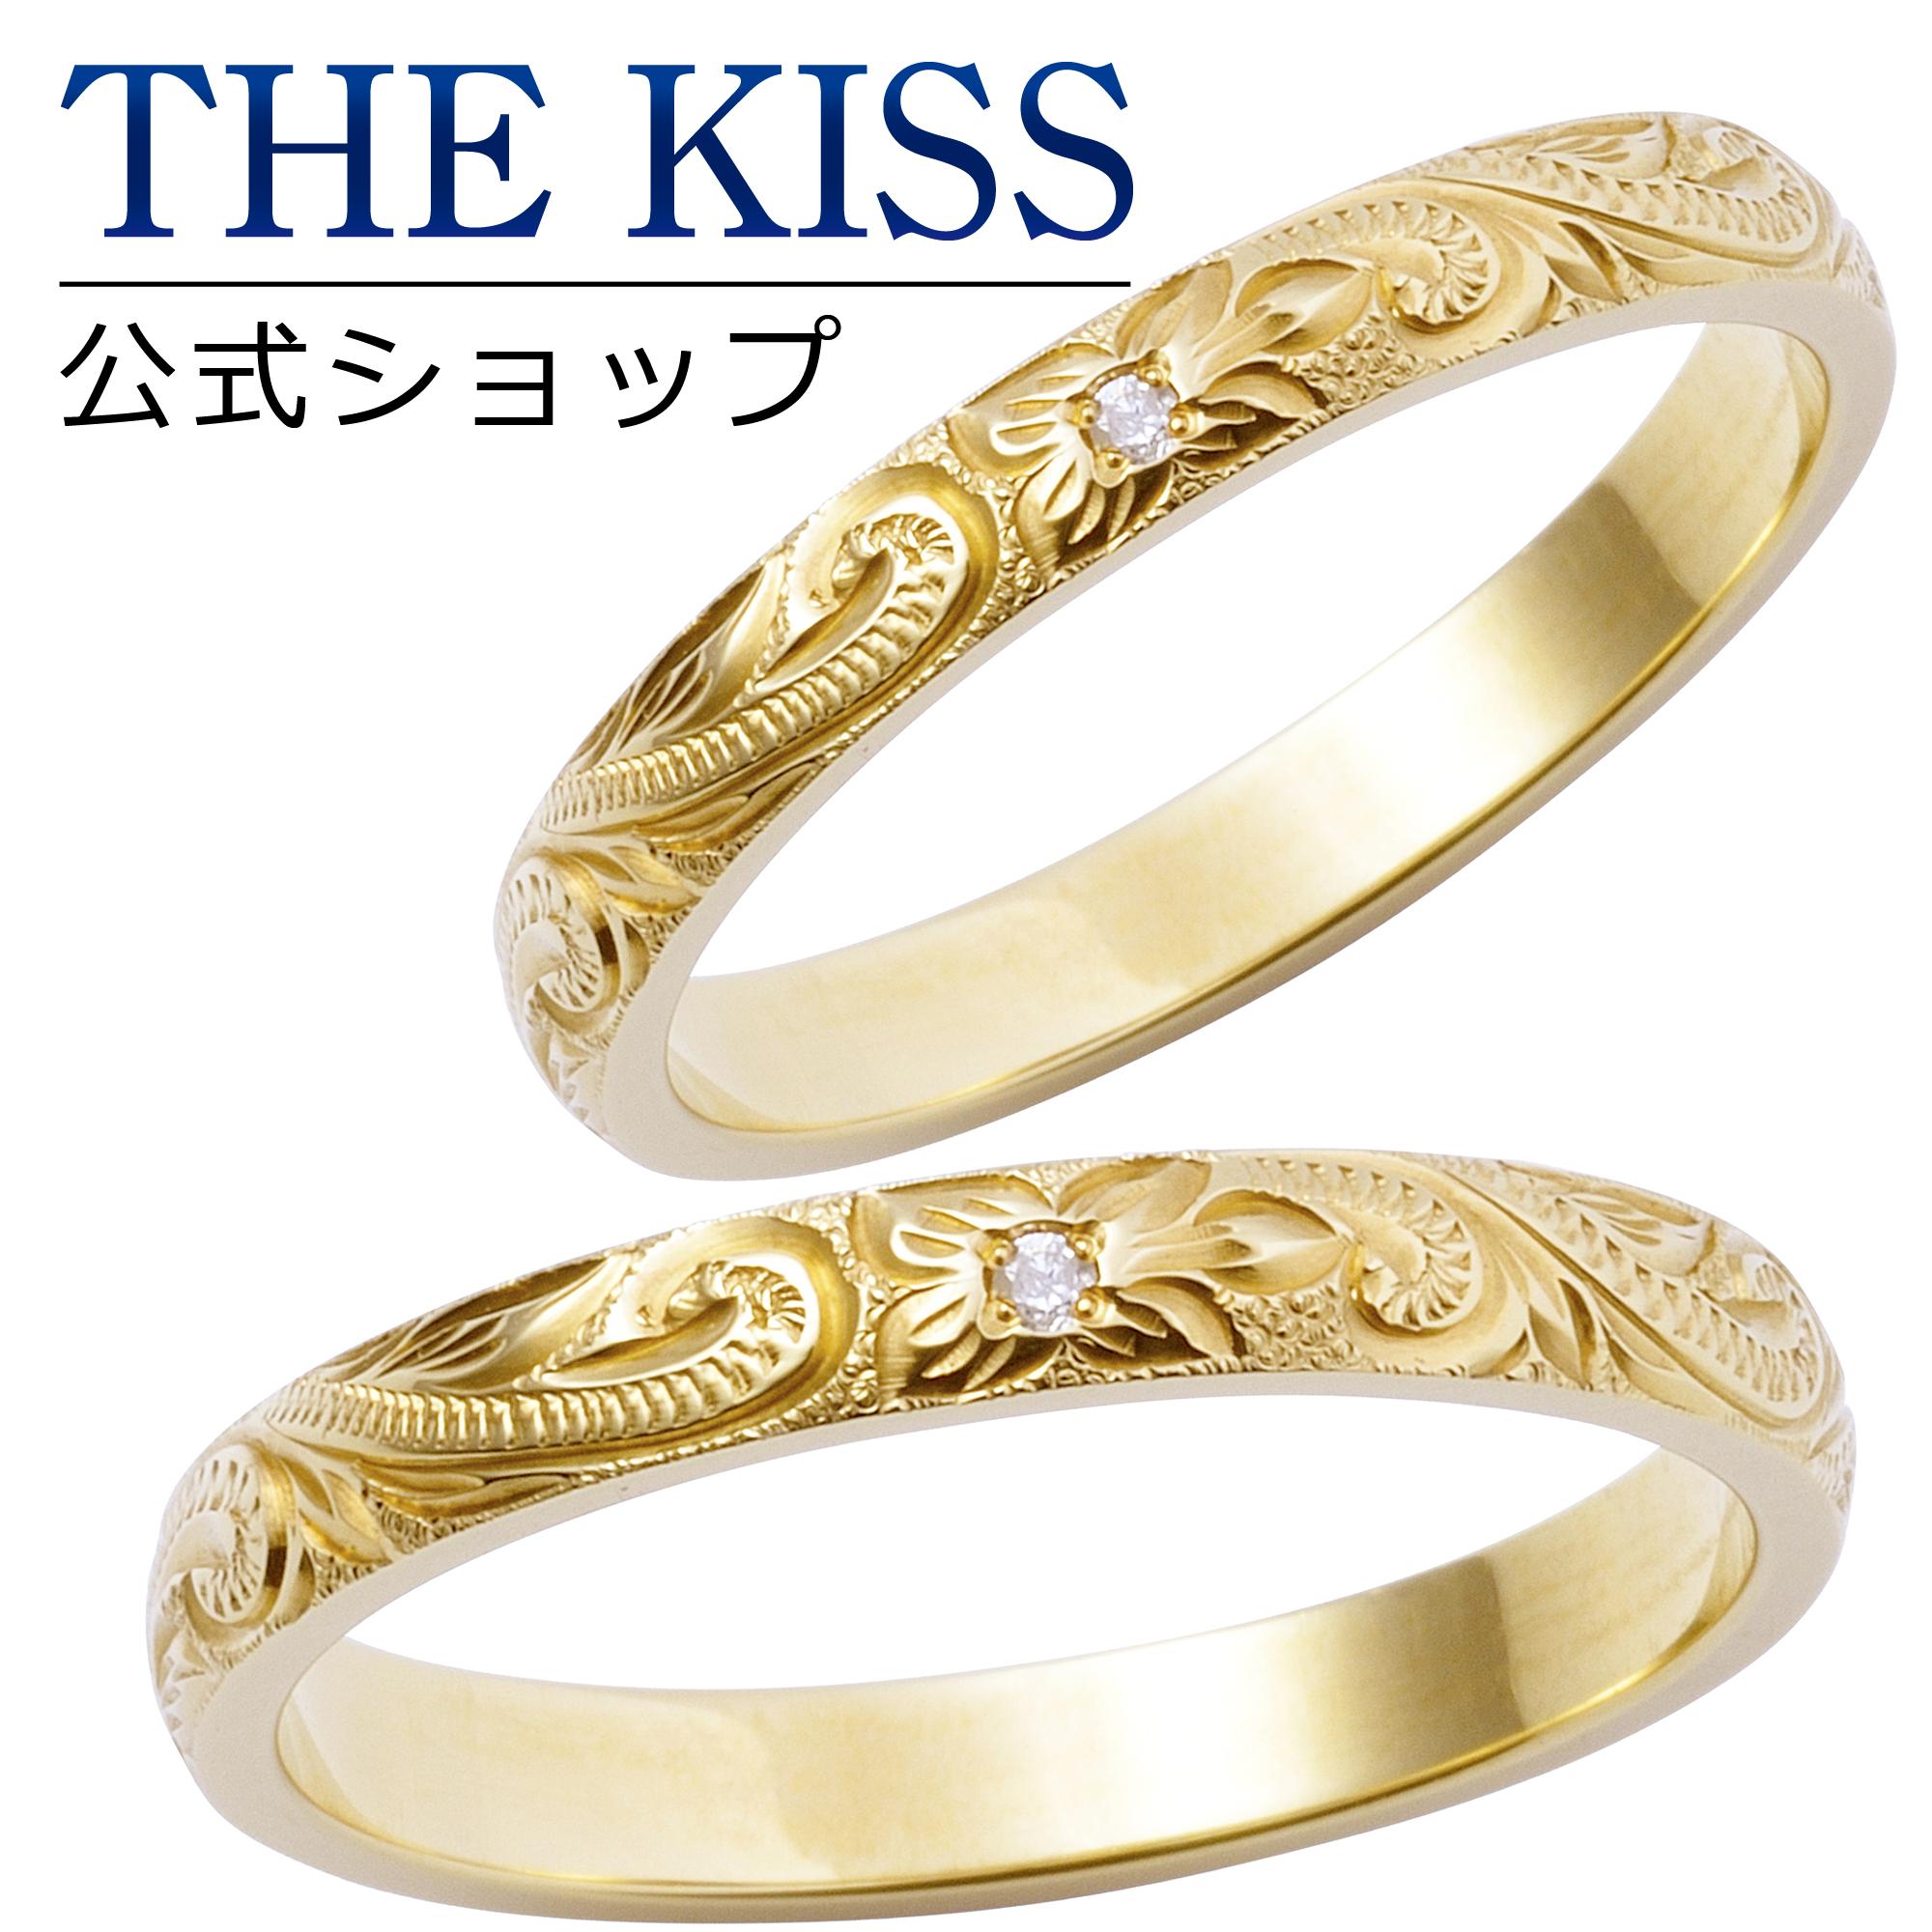 【刻印可_10文字】【Kahuna】 K18イエローゴールド マリッジリング ハワイアンジュエリー Heritage ヘリテージ 結婚指輪 ペアリング THE KISS ザキッス リング・指輪 50W-RB-11-211_50W-RB-11-221_YG セット シンプル 男性 女性 2個ペア ザキス 【送料無料】